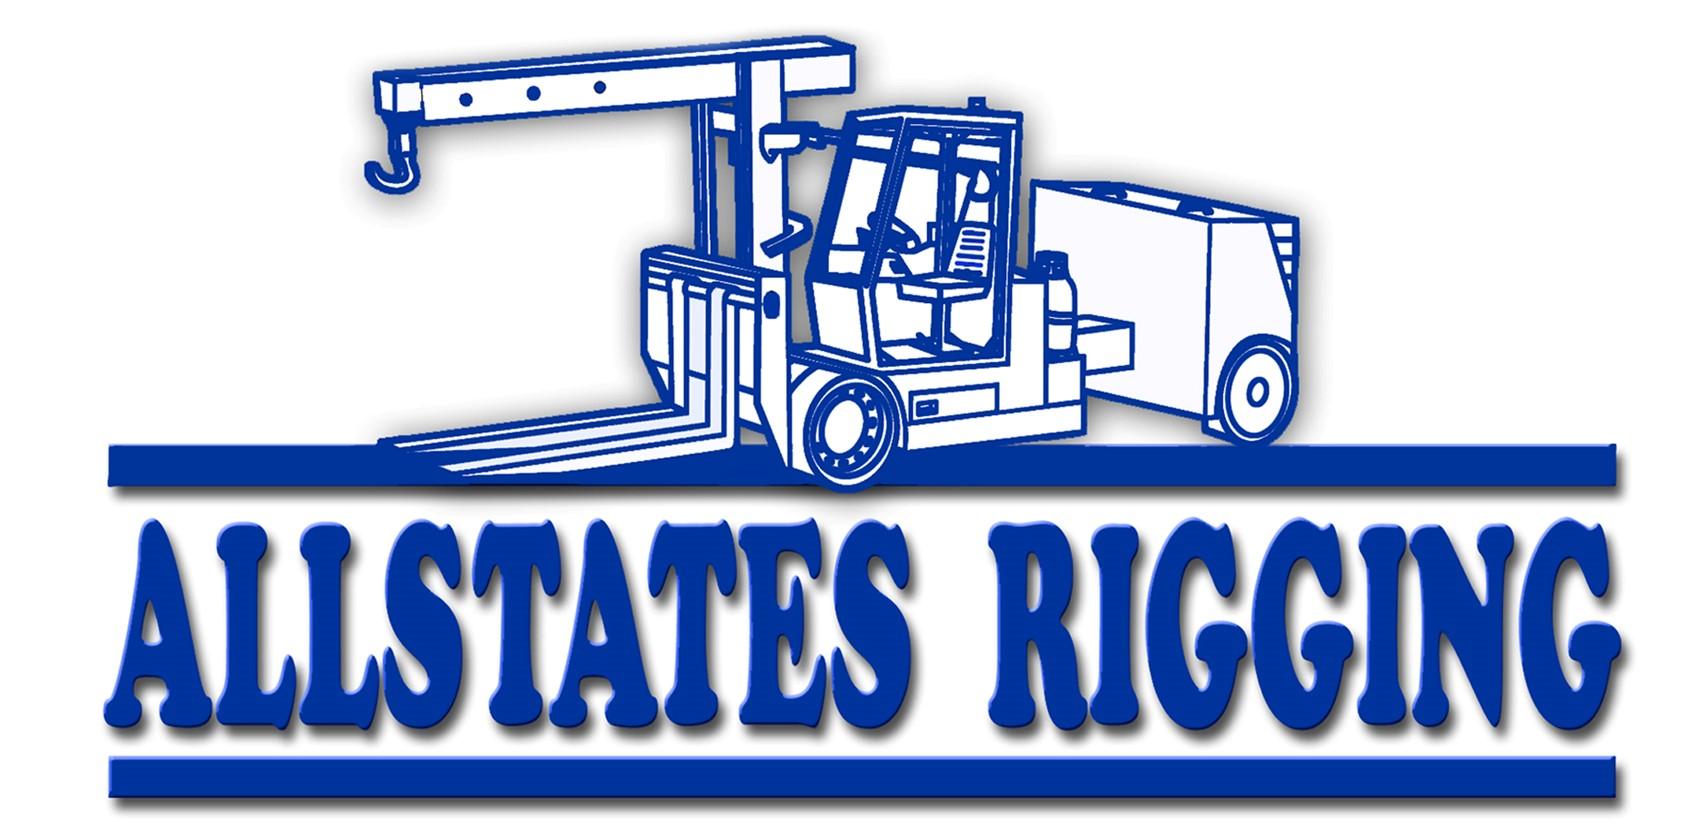 Allstates